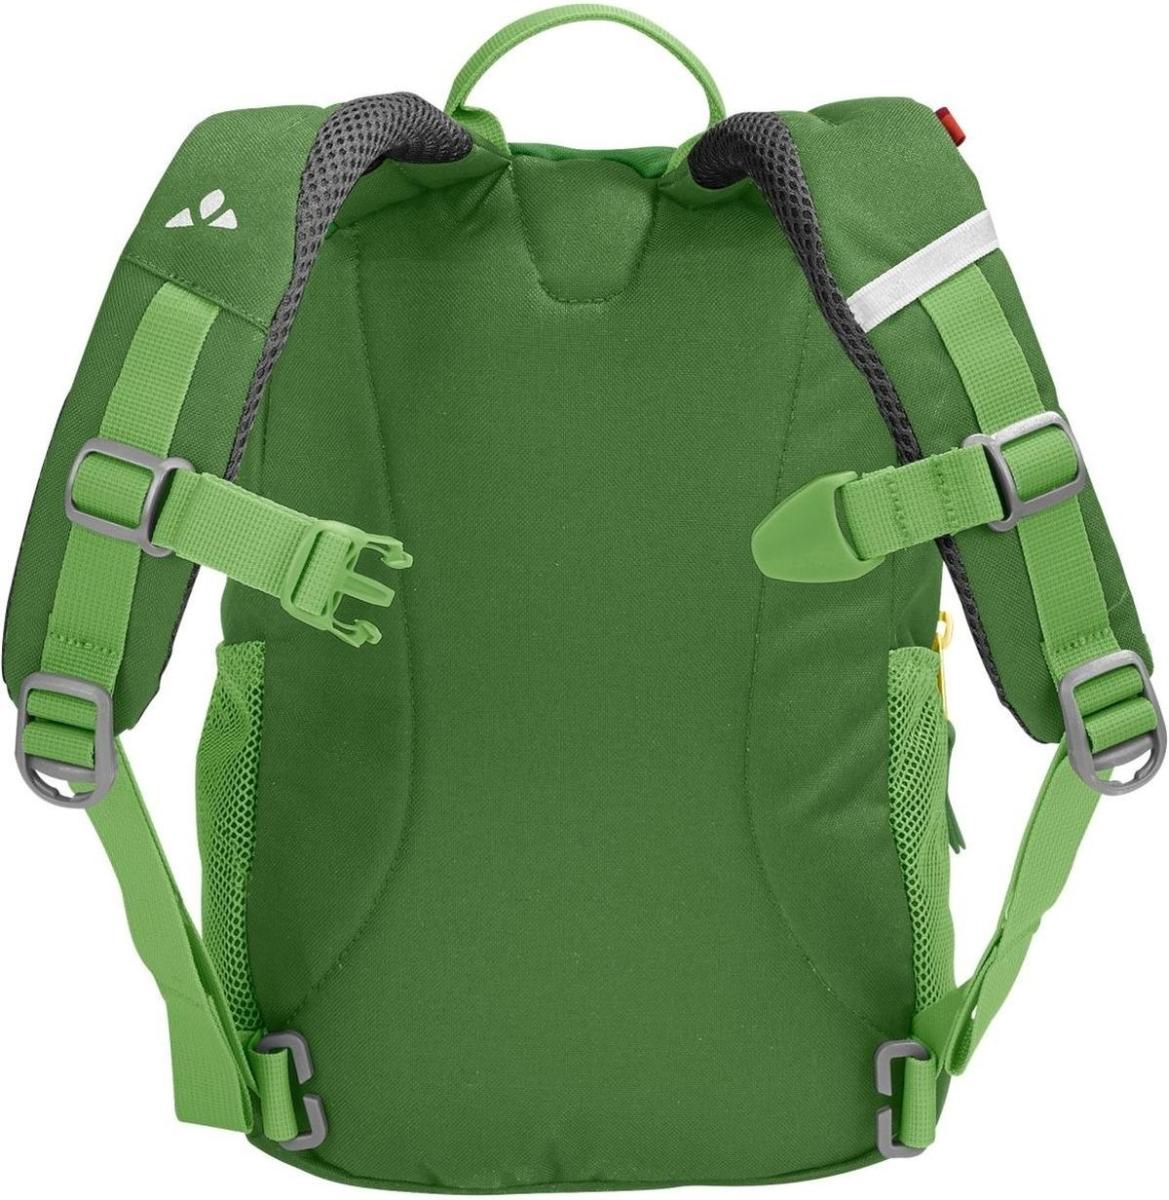 5a80c545d6d Dětský batoh Vaude Minnie 5 - parrot green - Spot Shop